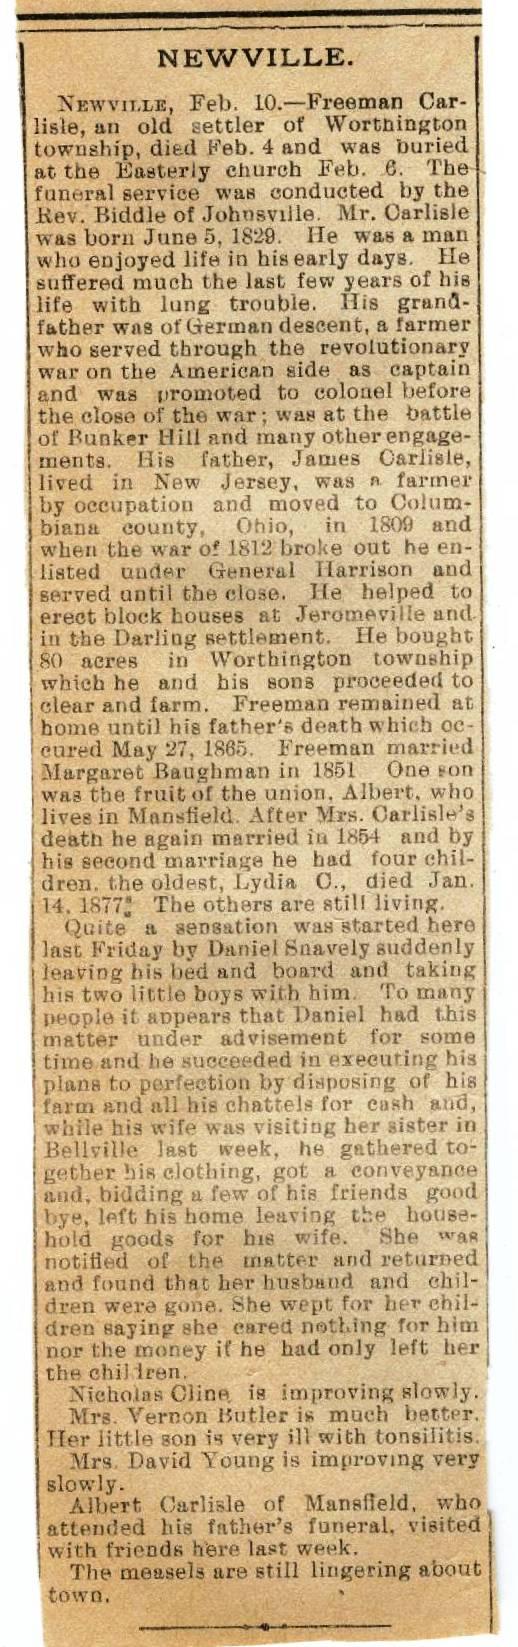 Obituaries & Death Notices: Ca - Cl